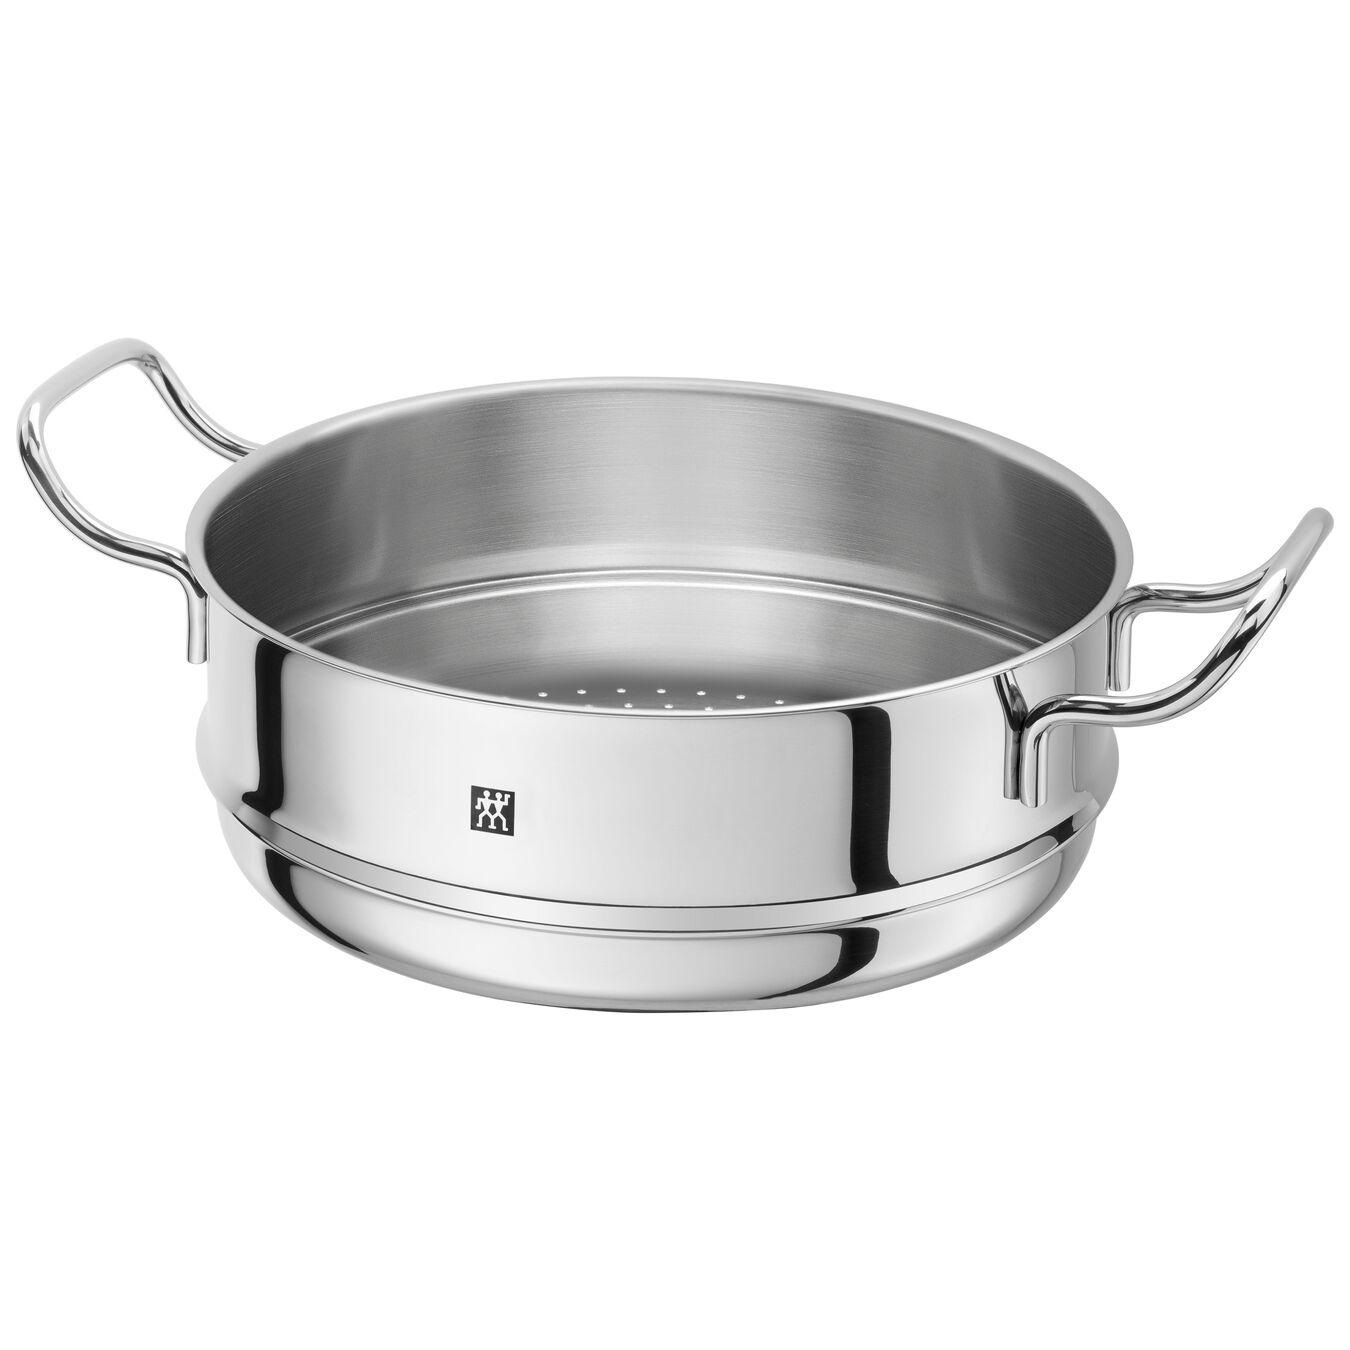 Buharda Pişirme Aparatı, Yuvarlak | 24 cm | 18/10 Paslanmaz Çelik | Metalik Gri,,large 1